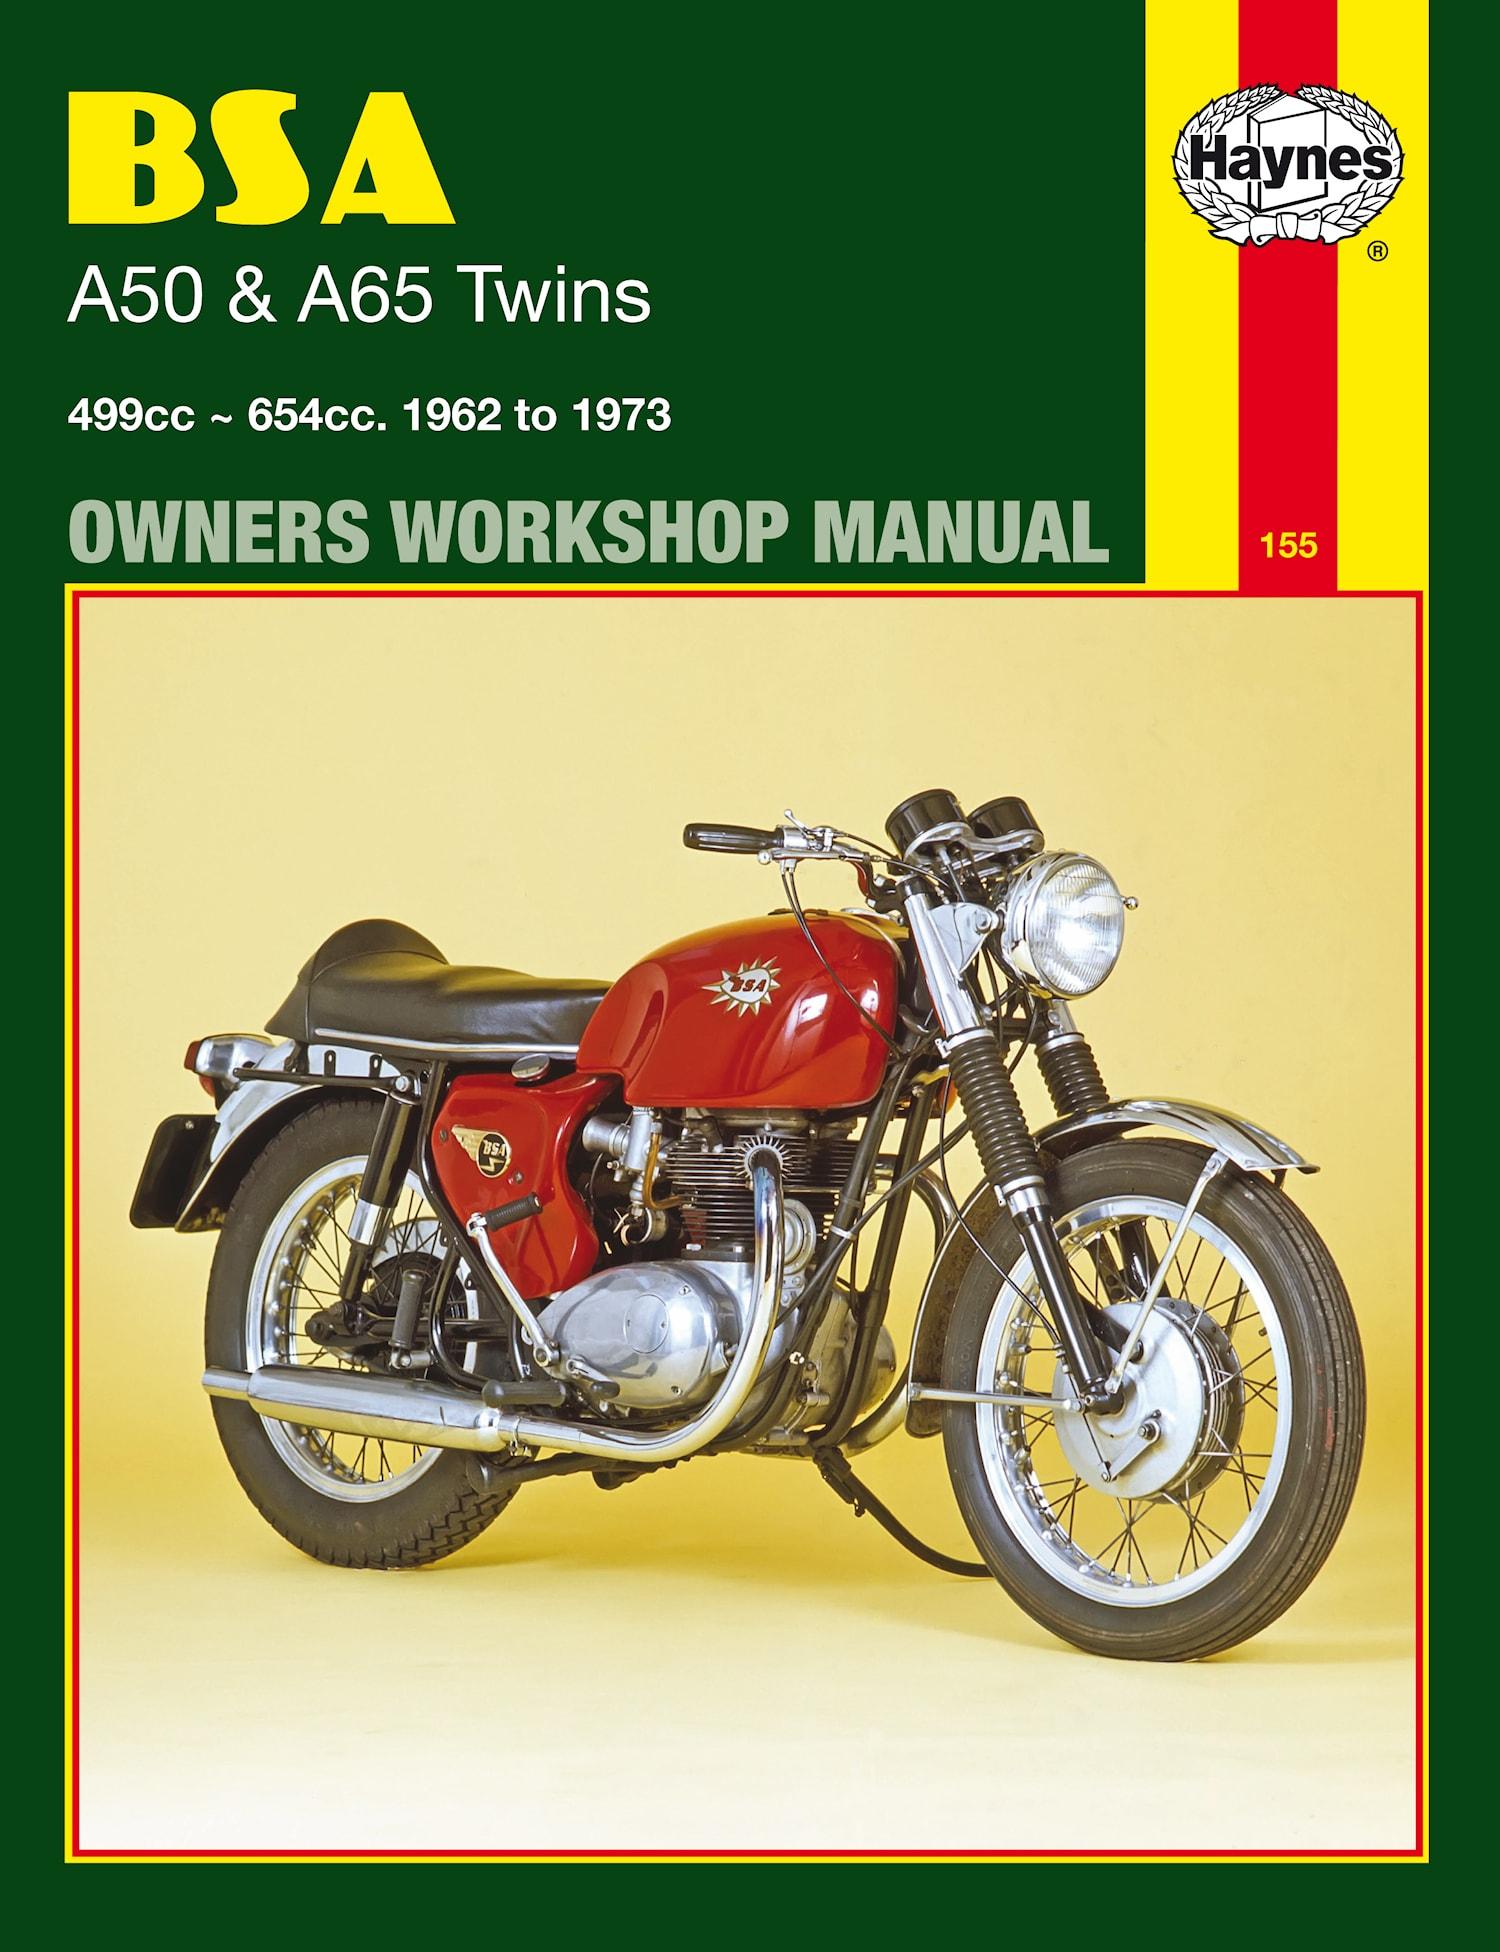 BSA A50 & A65 twins (62-73)